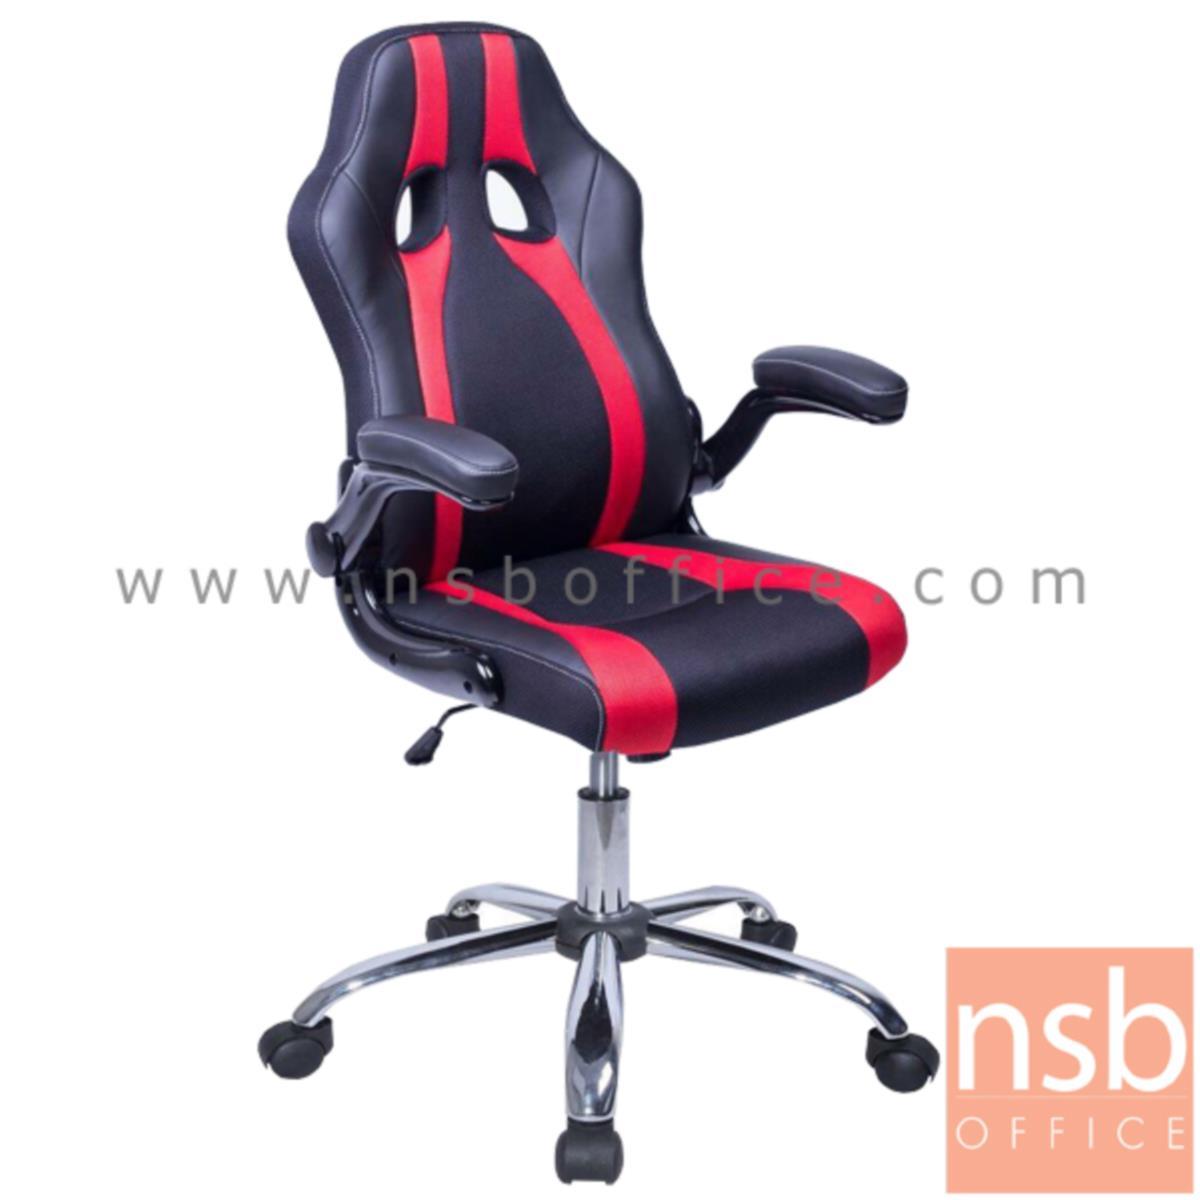 B01A417:เก้าอี้ผู้บริหาร รุ่น Patrick (แพทริก)  โช๊คแก๊ส มีก้อนโยก ขาเหล็กชุบโครเมี่ยม